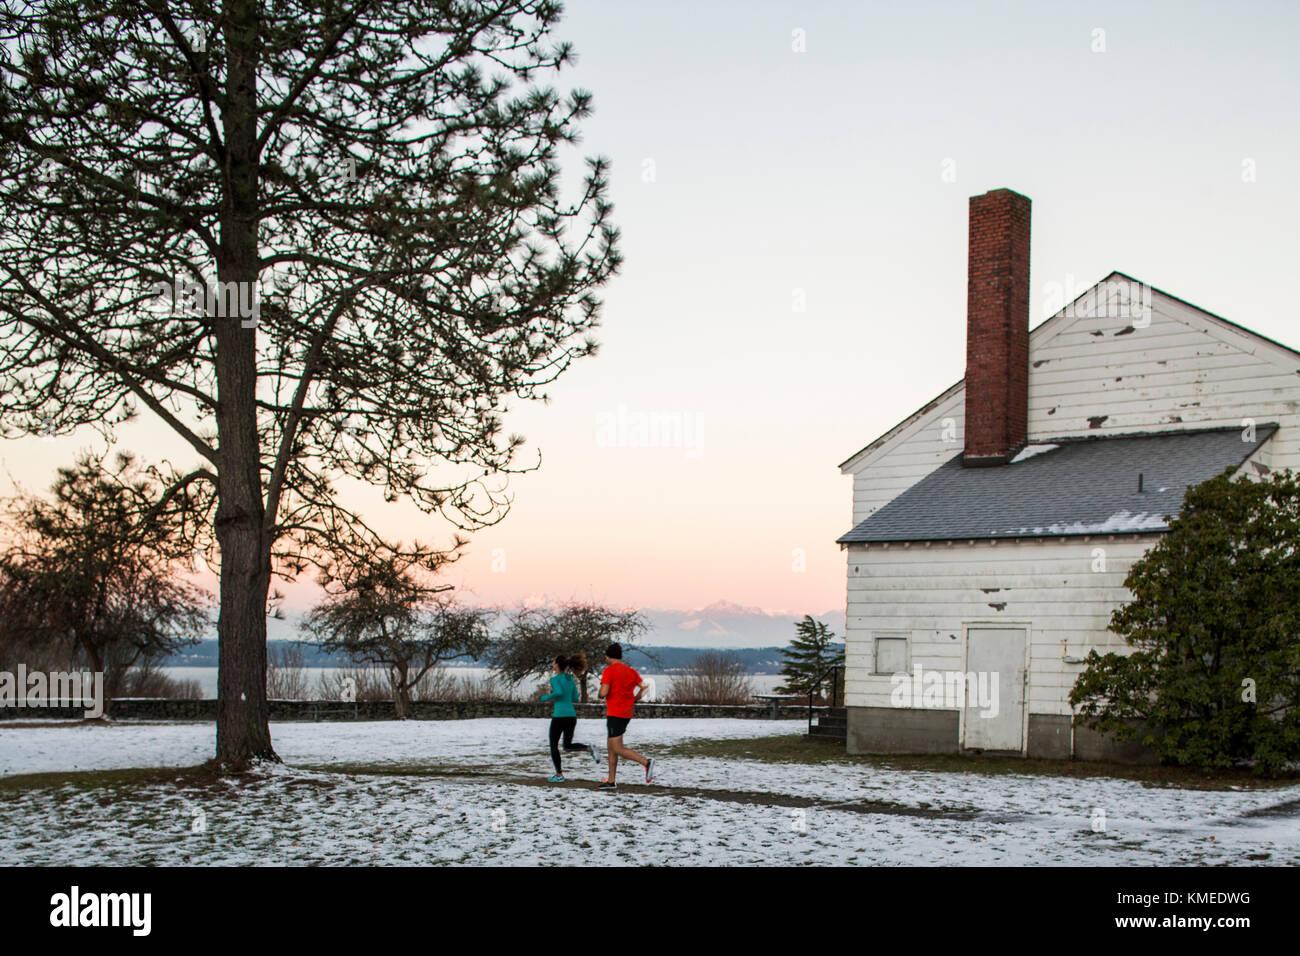 Les coureurs de Discovery Park à Seattle, WA lors d'une froide journée d'hiver ensoleillée mais. Banque D'Images